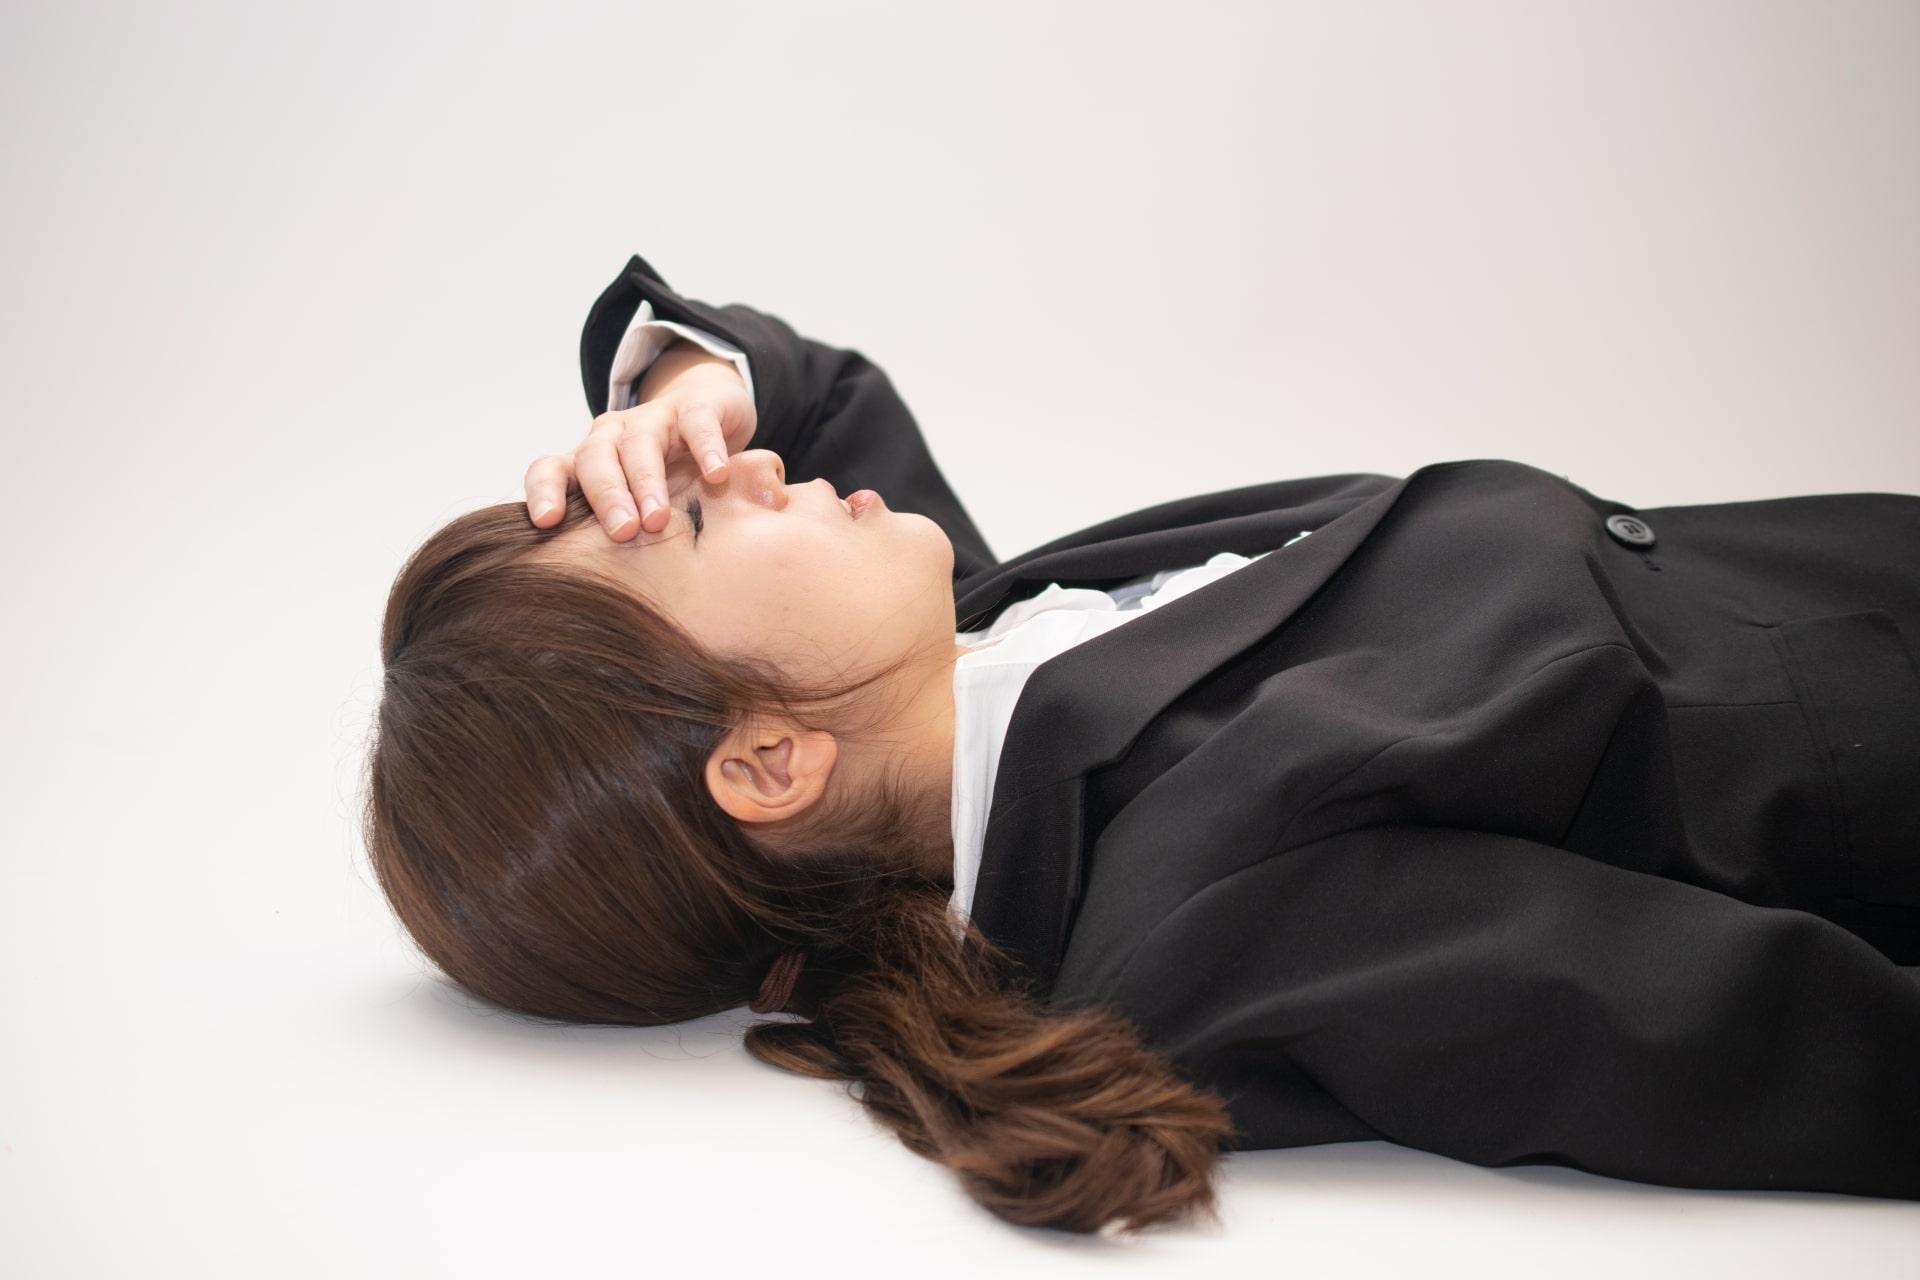 仕事を休みたい場合の対処方法を紹介~休みたい理由や原因を明確に!~